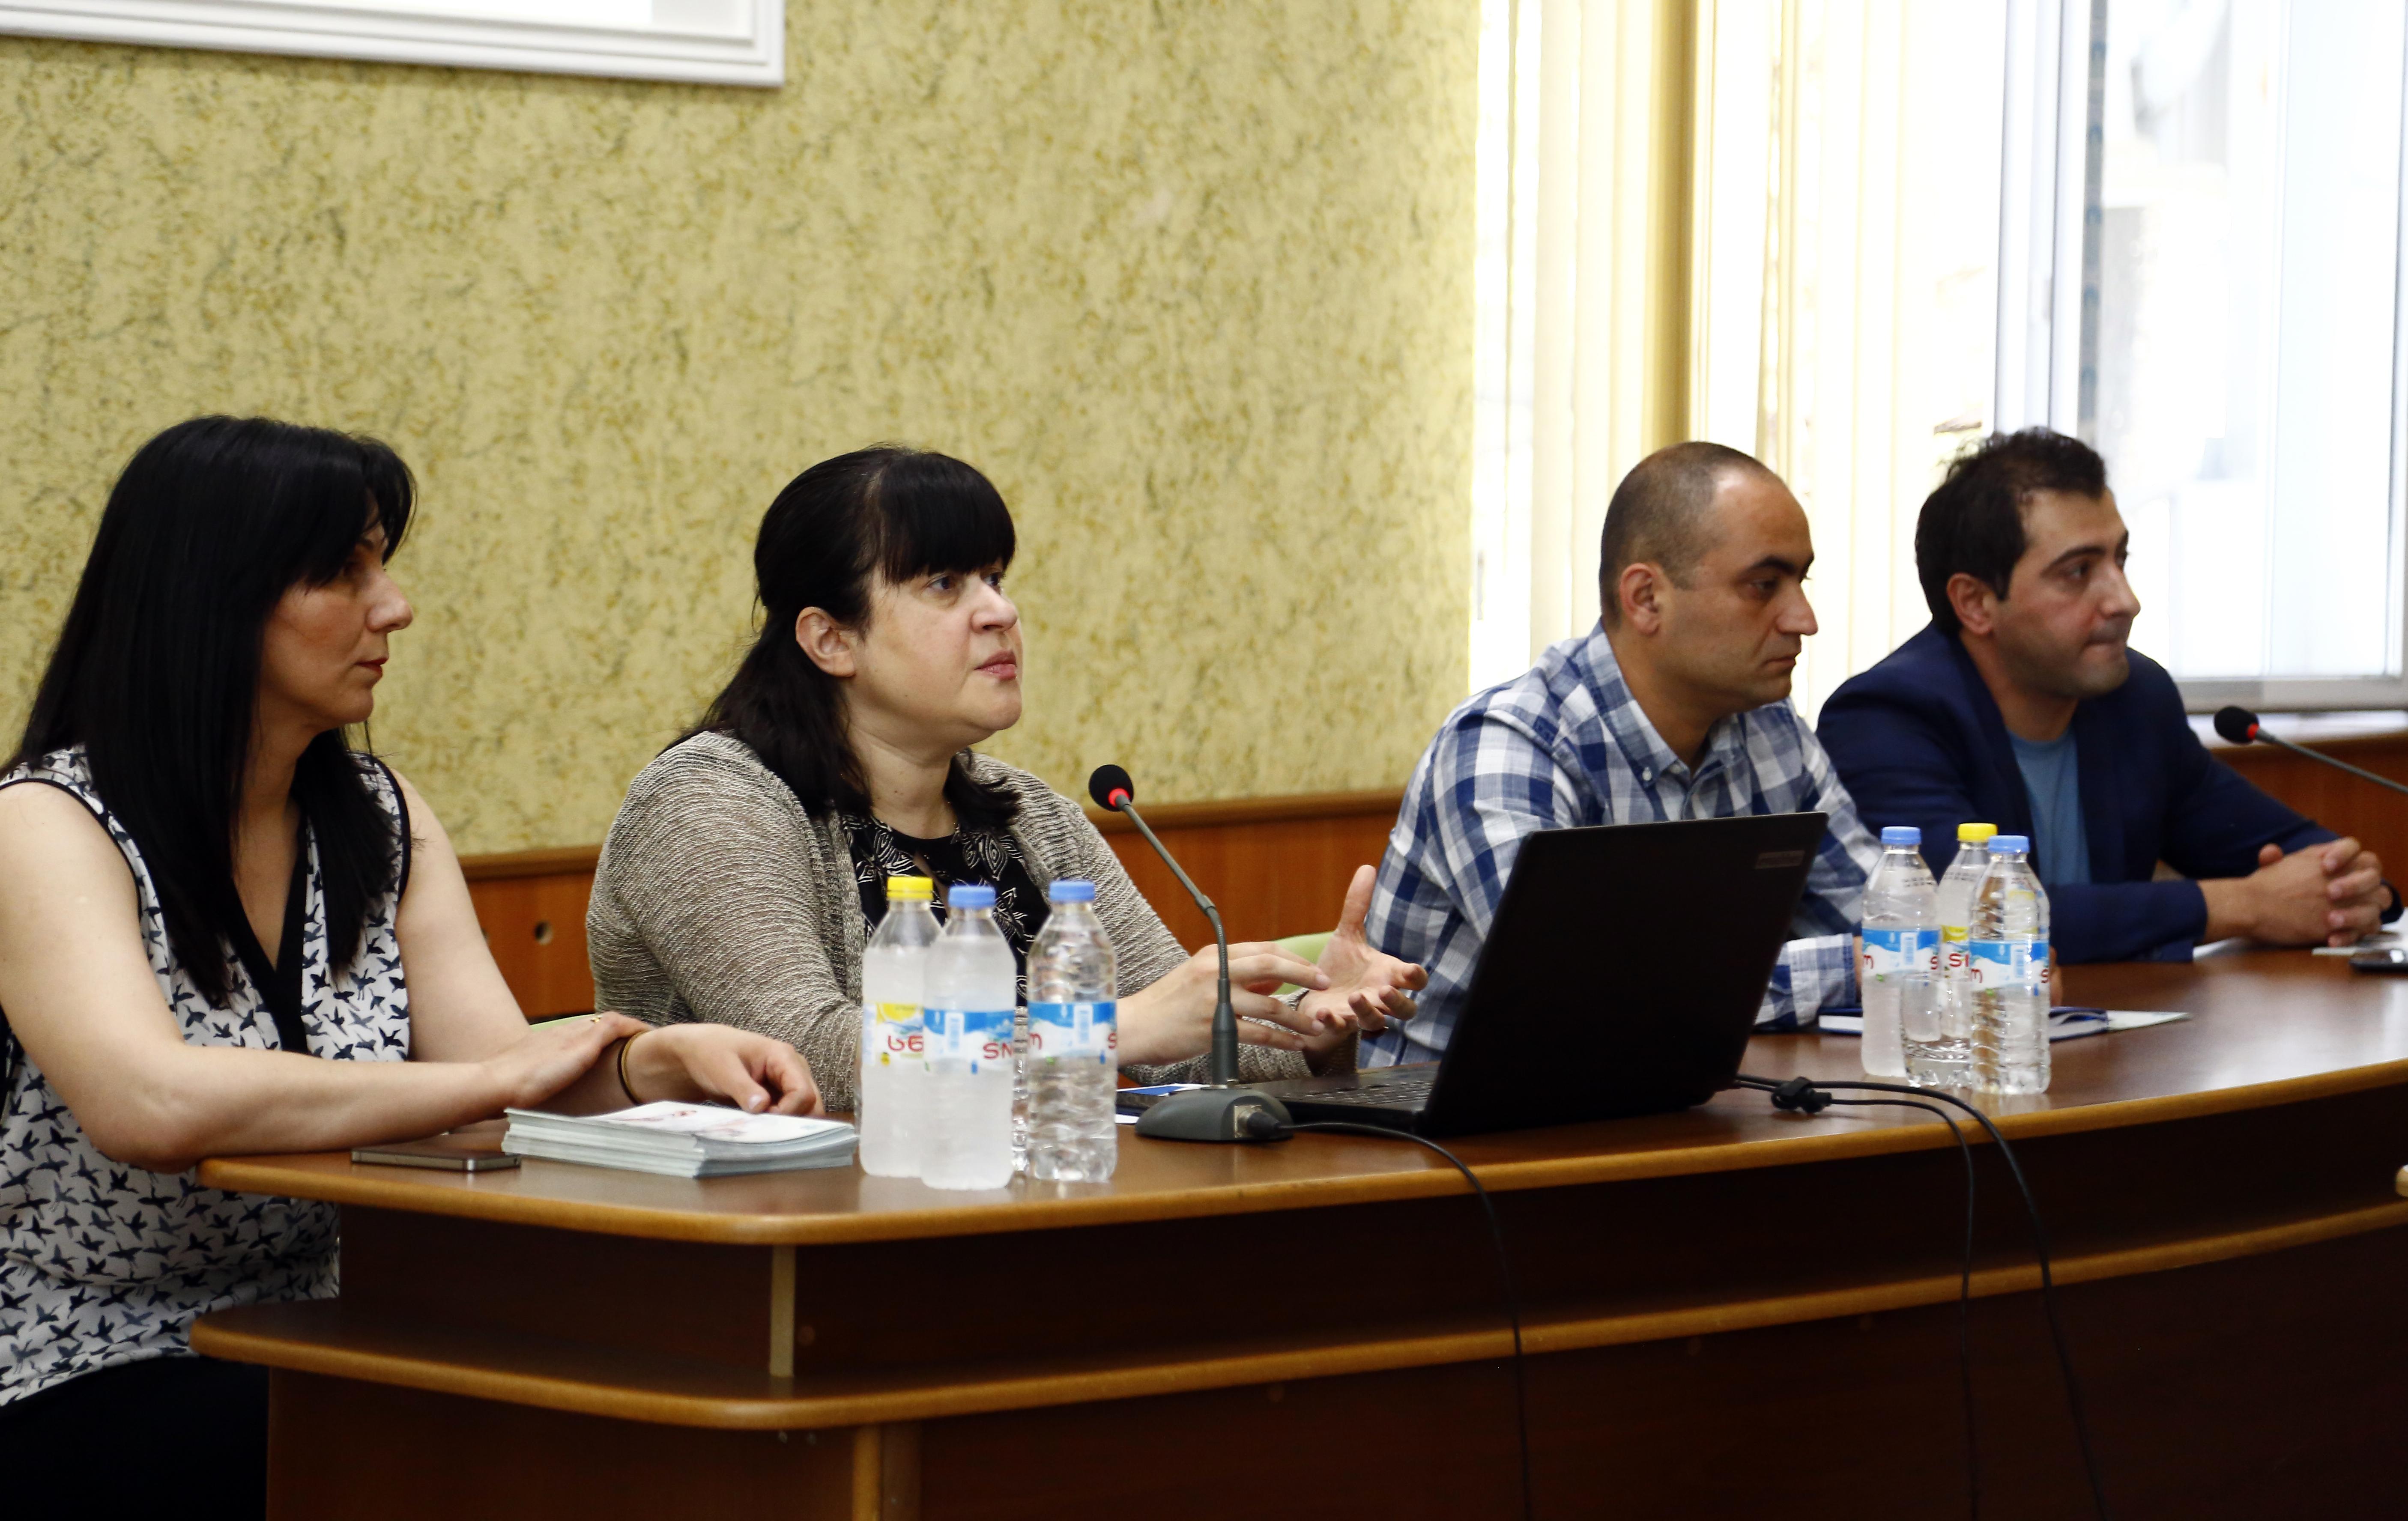 ჯანდაცვის მინისტრის მოადგილე კახეთის რეგიონის ექიმებს შეხვდა